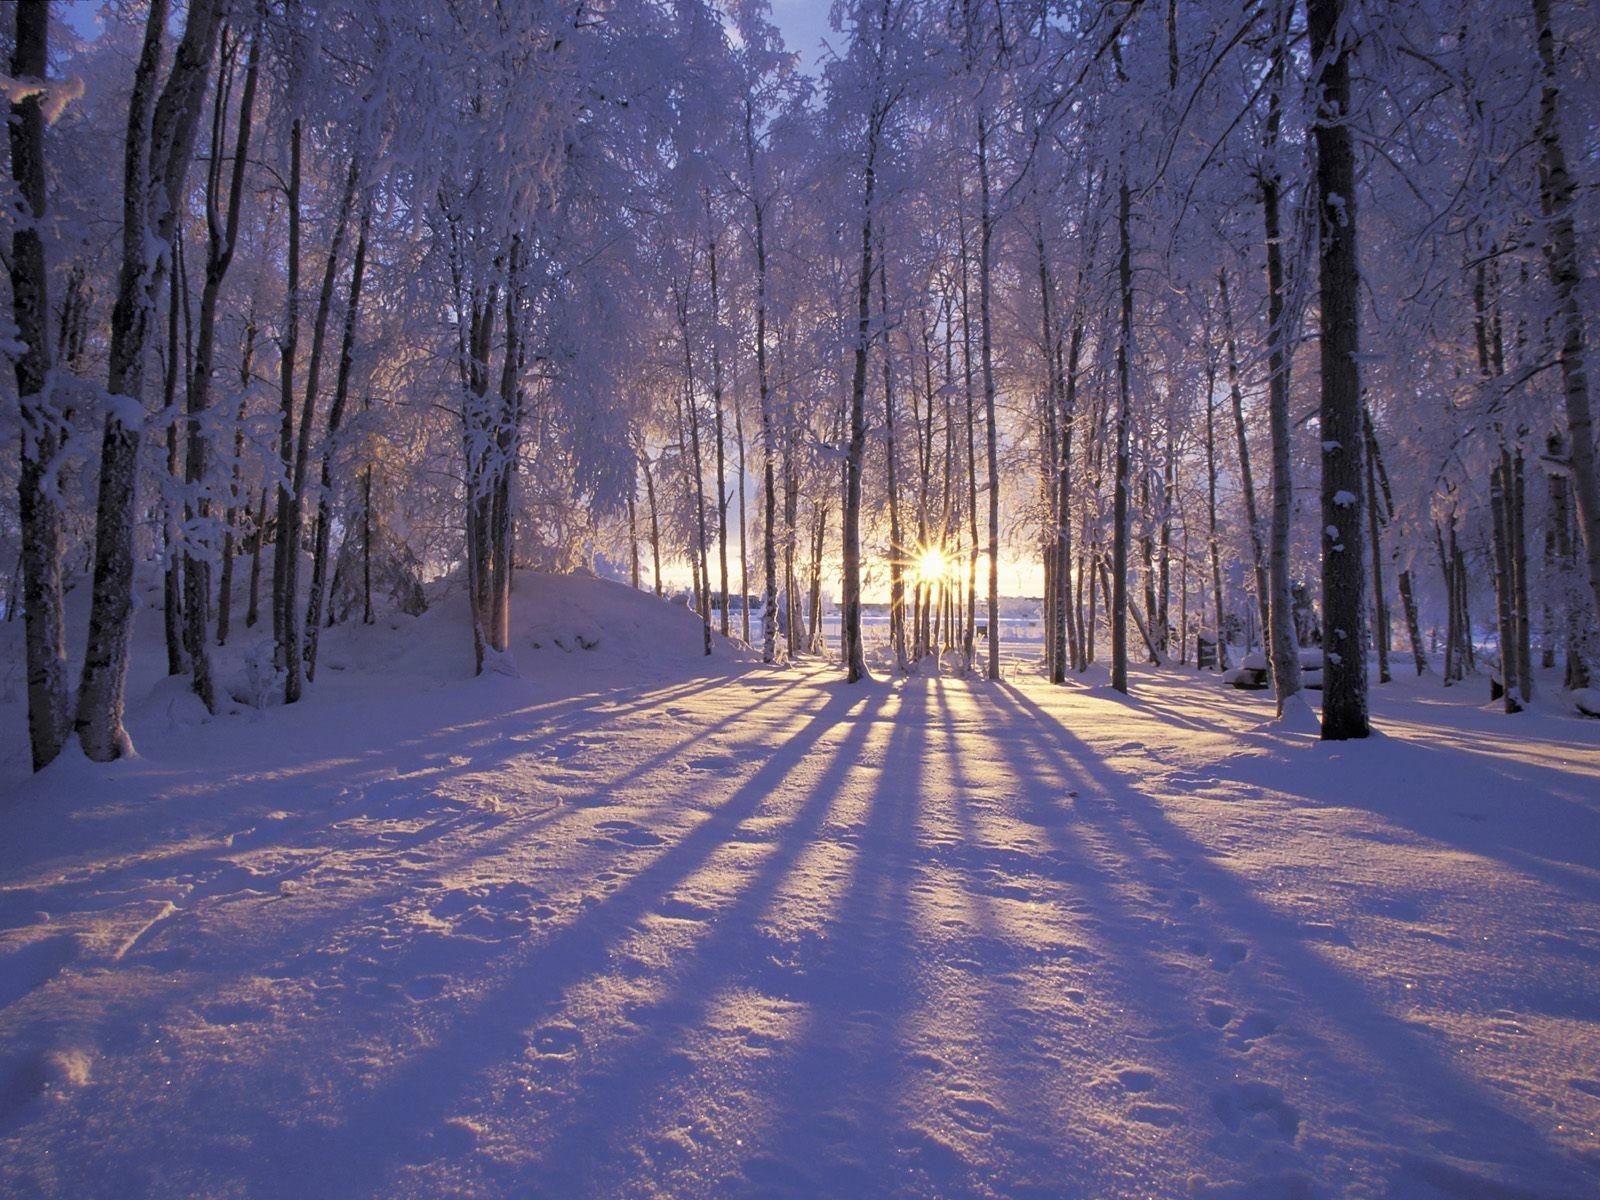 alaska-winter-wallpaper-wallpaper-1.jpg